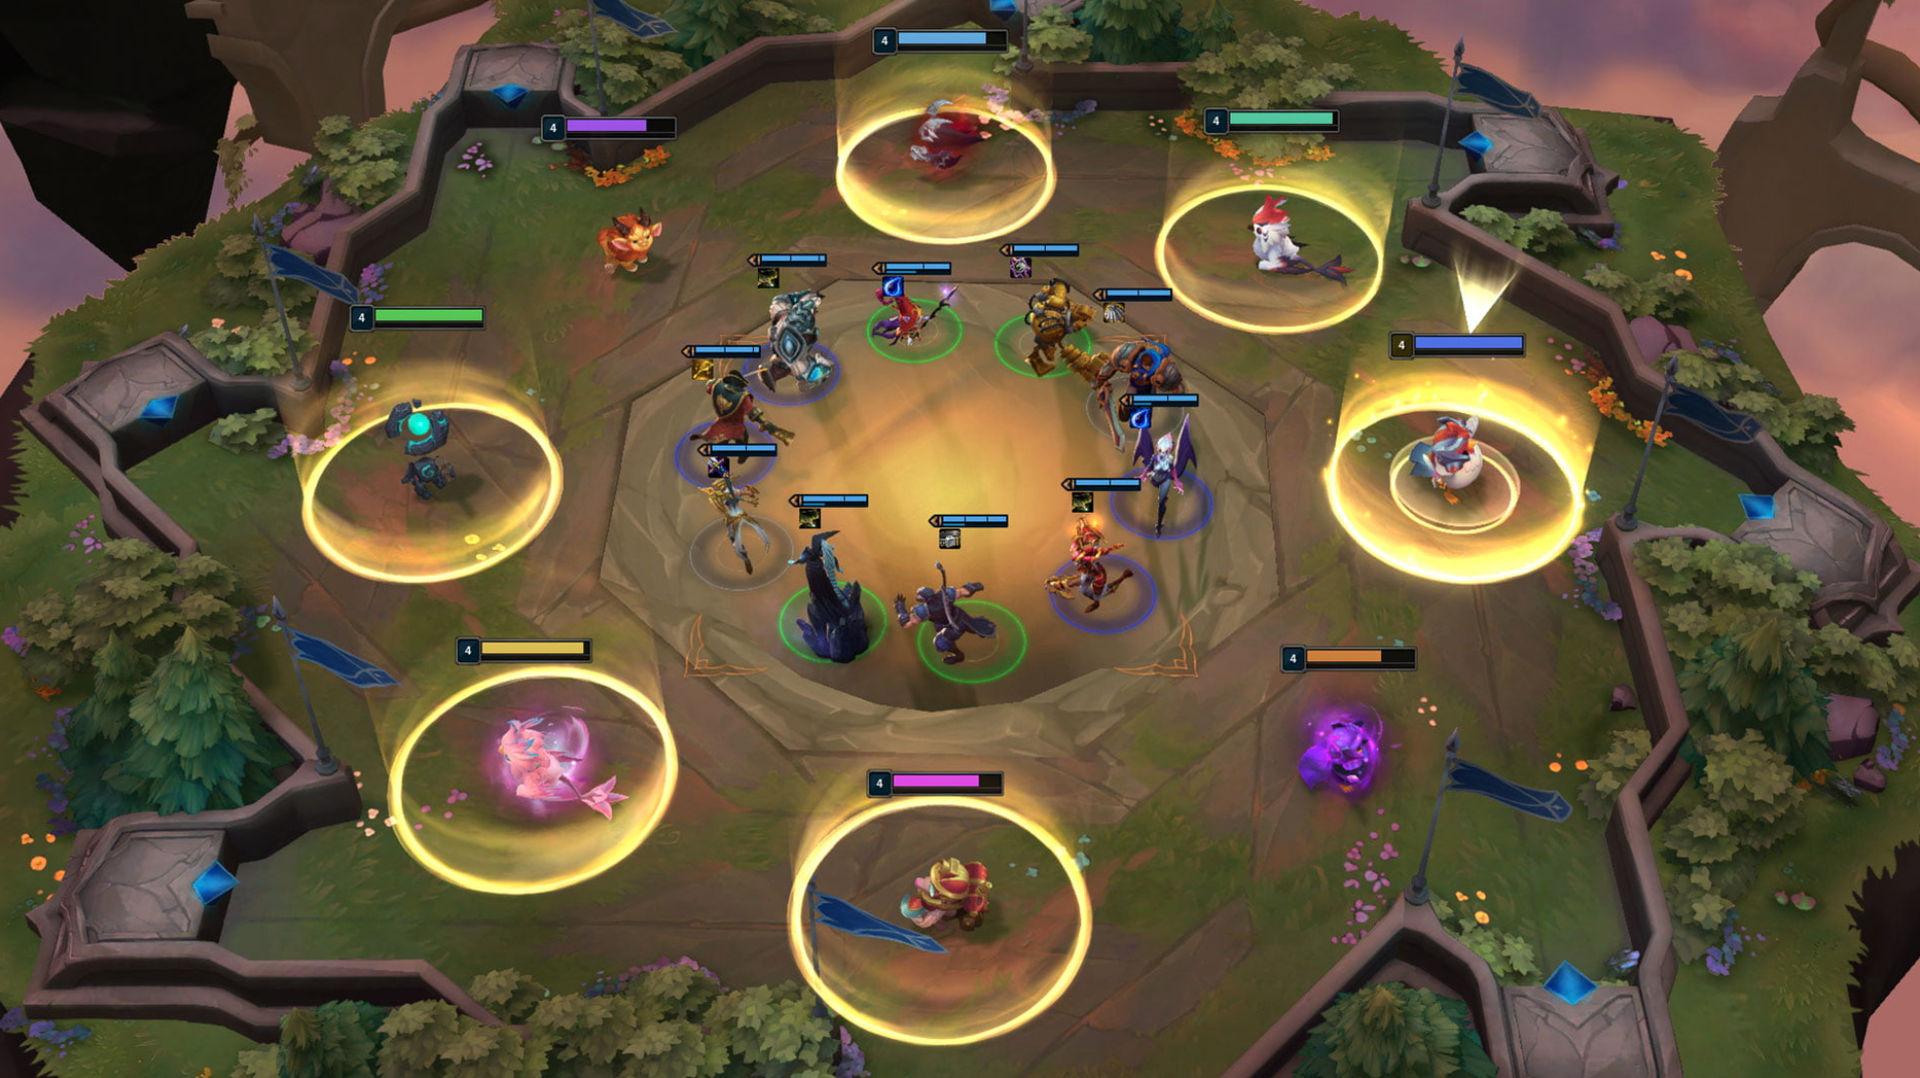 Teamfight Tactics är Riot Games första mobilspel